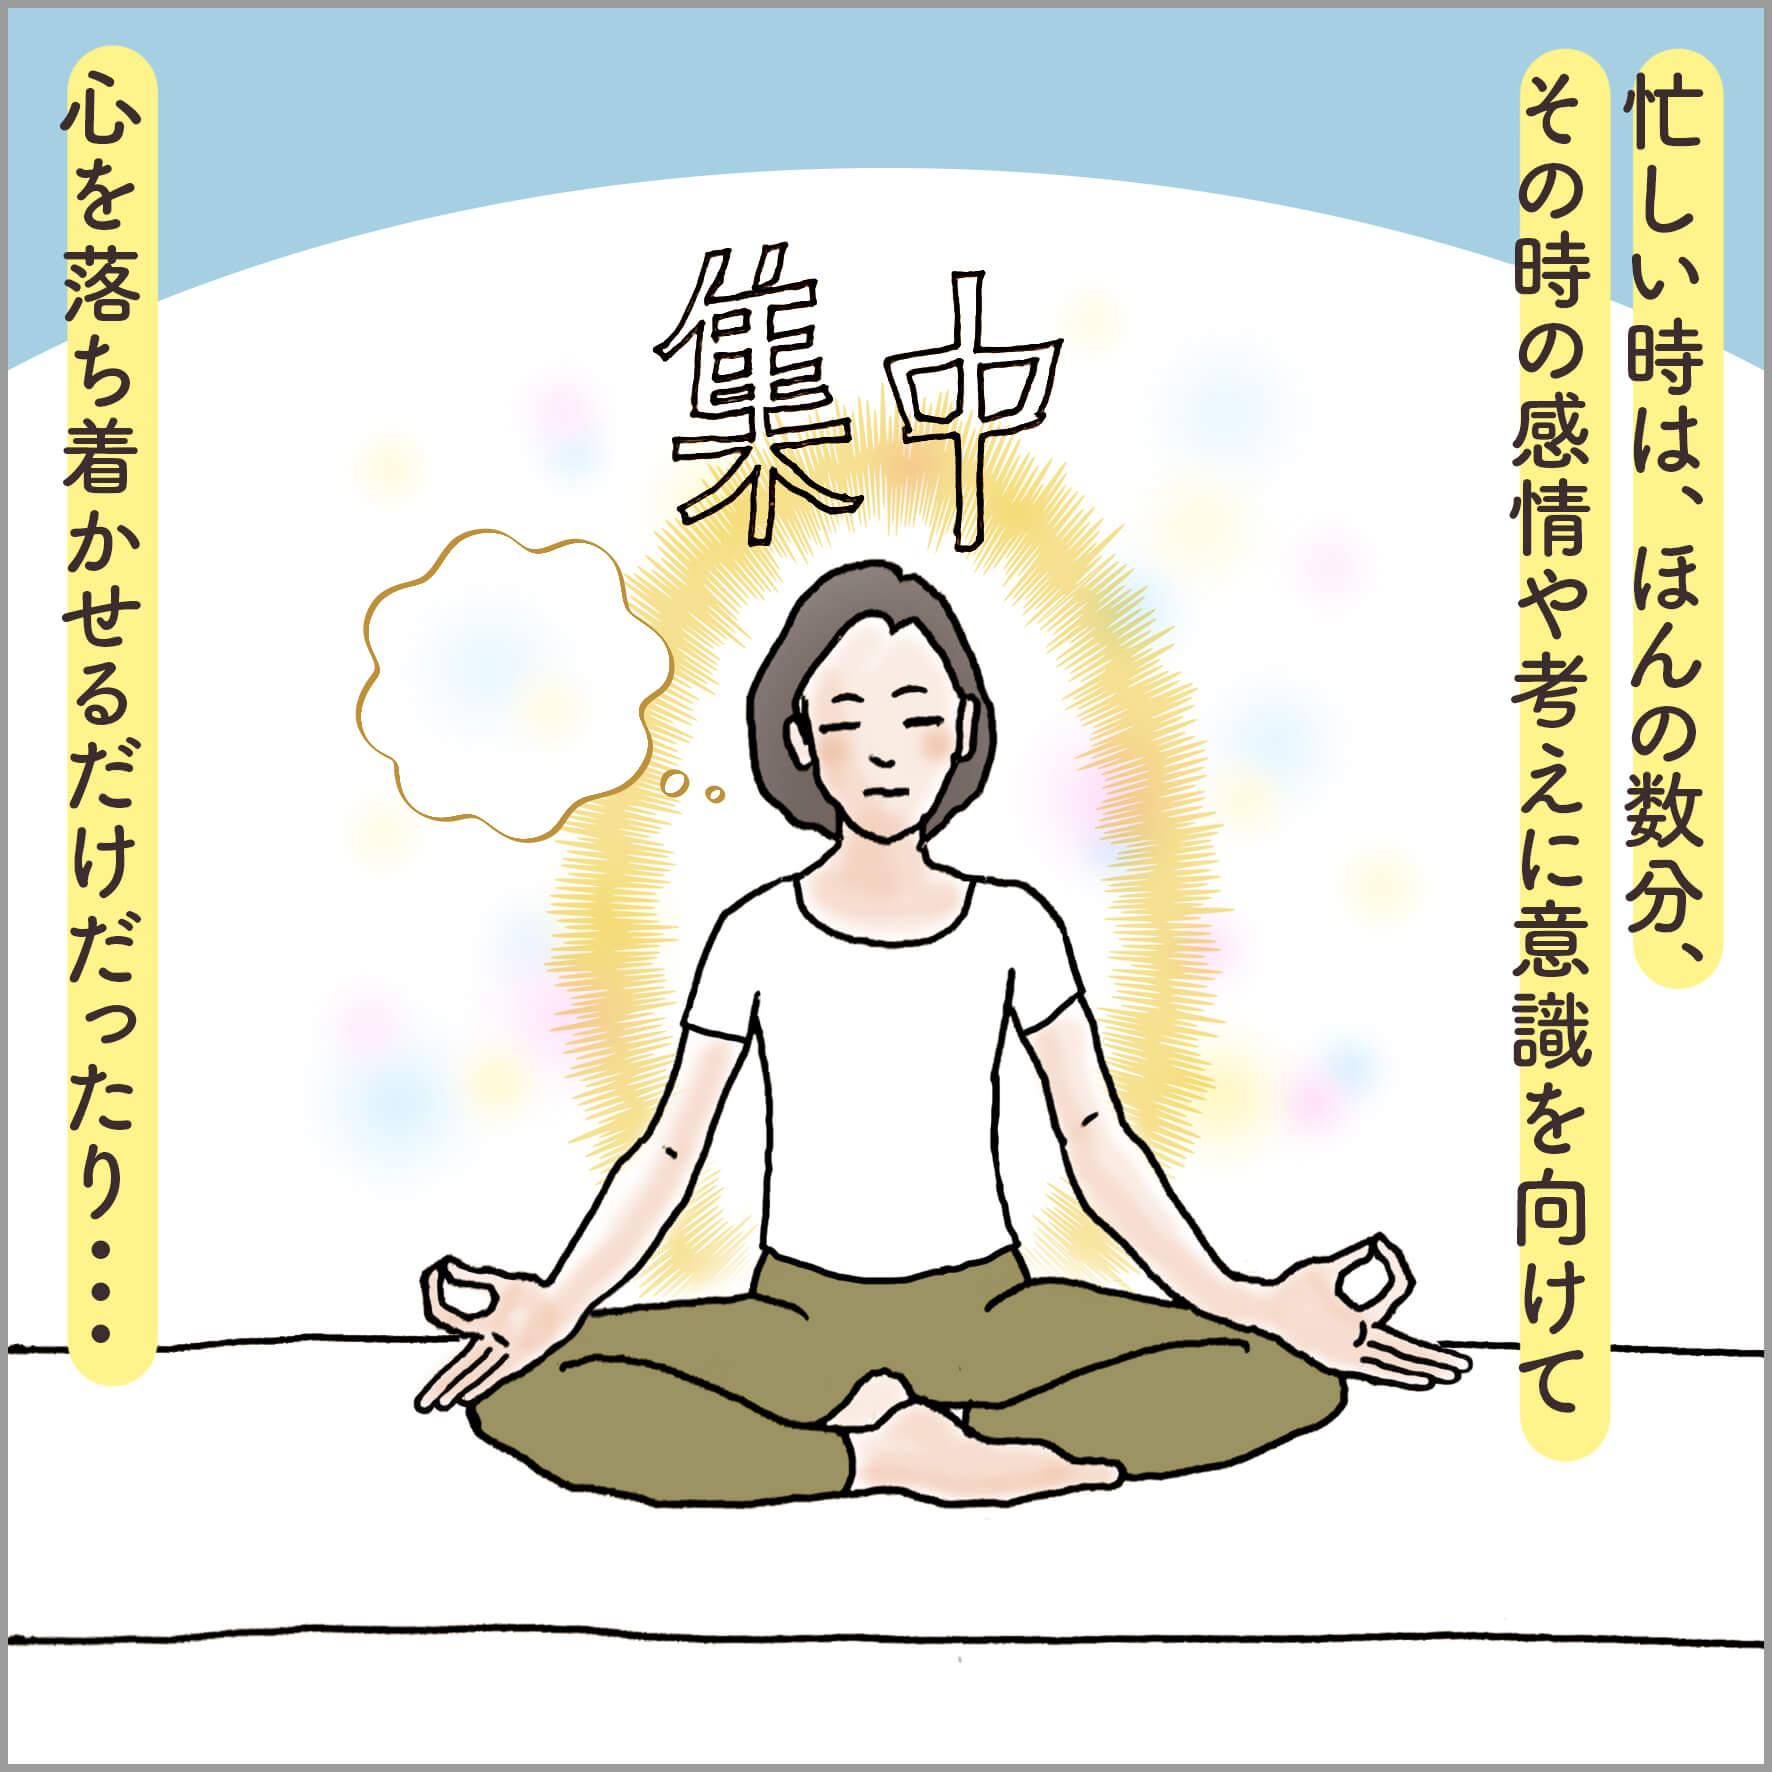 瞑想している人